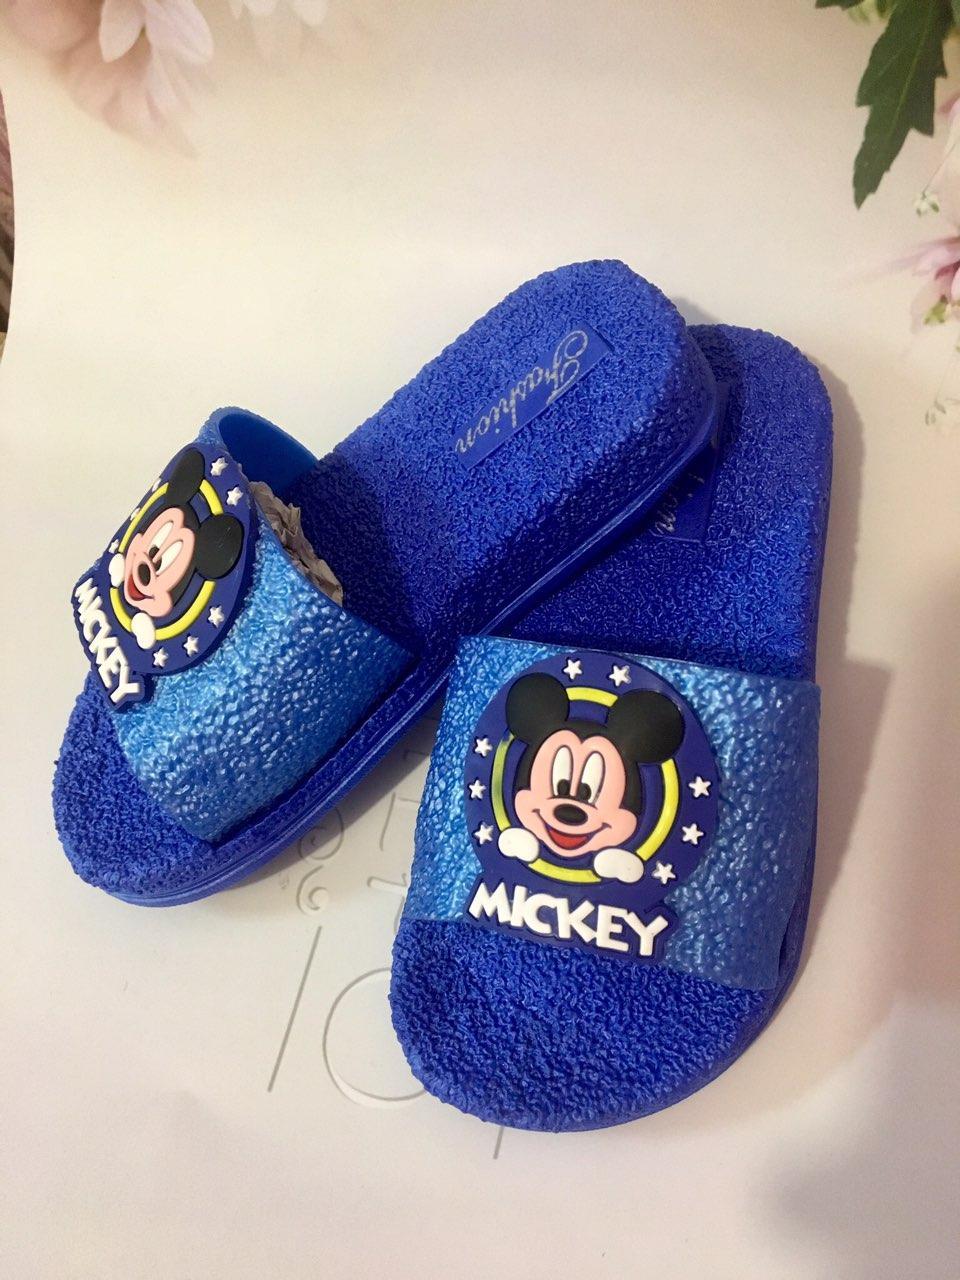 Детские шлепки Fashion Микки Маус , размеры 24-25-26-27-28-29 (без запаха)